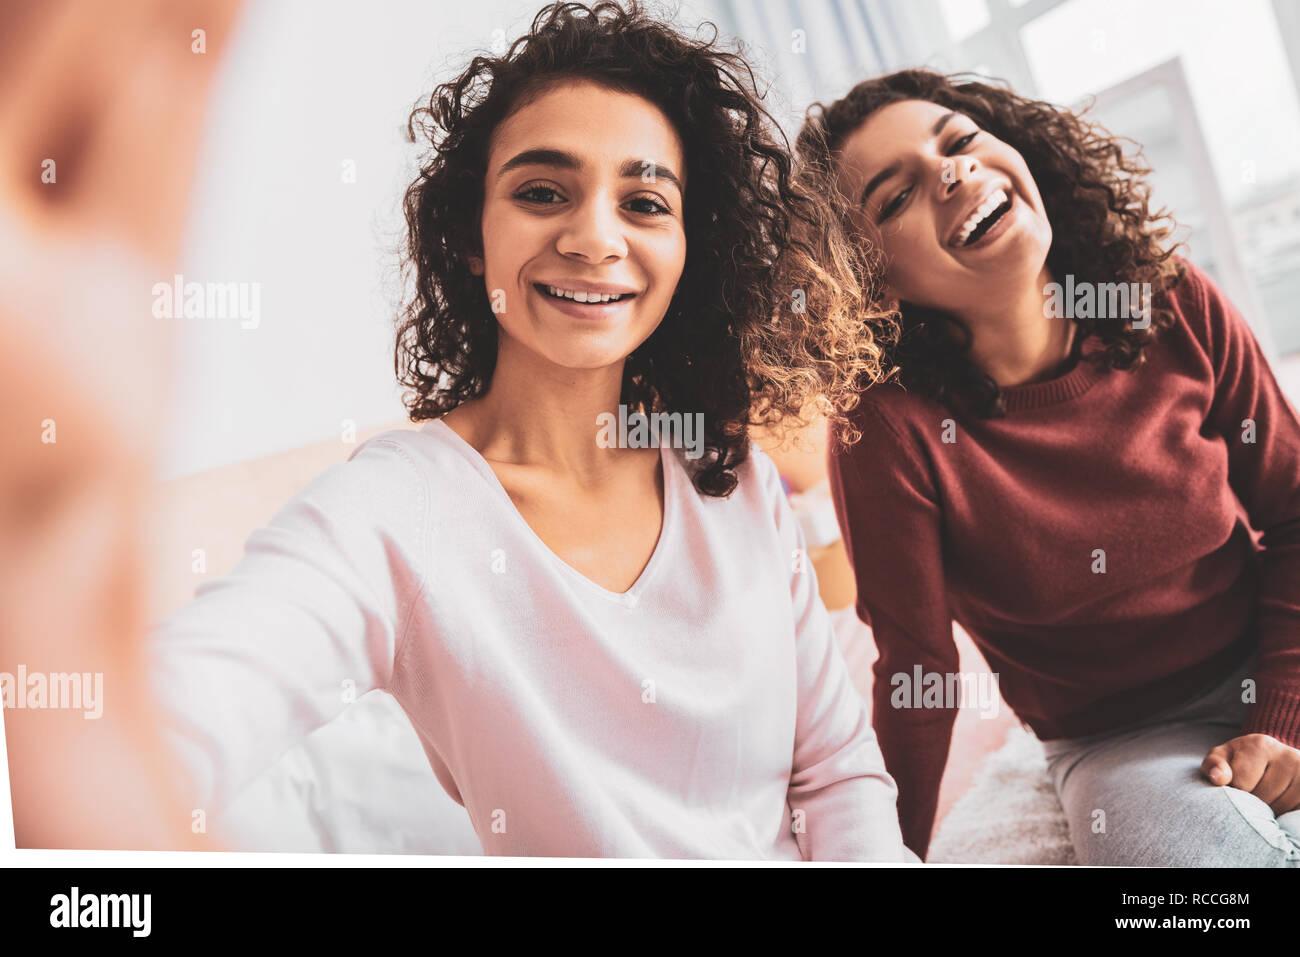 Curly ragazza ride molto sentite scherzo Immagini Stock